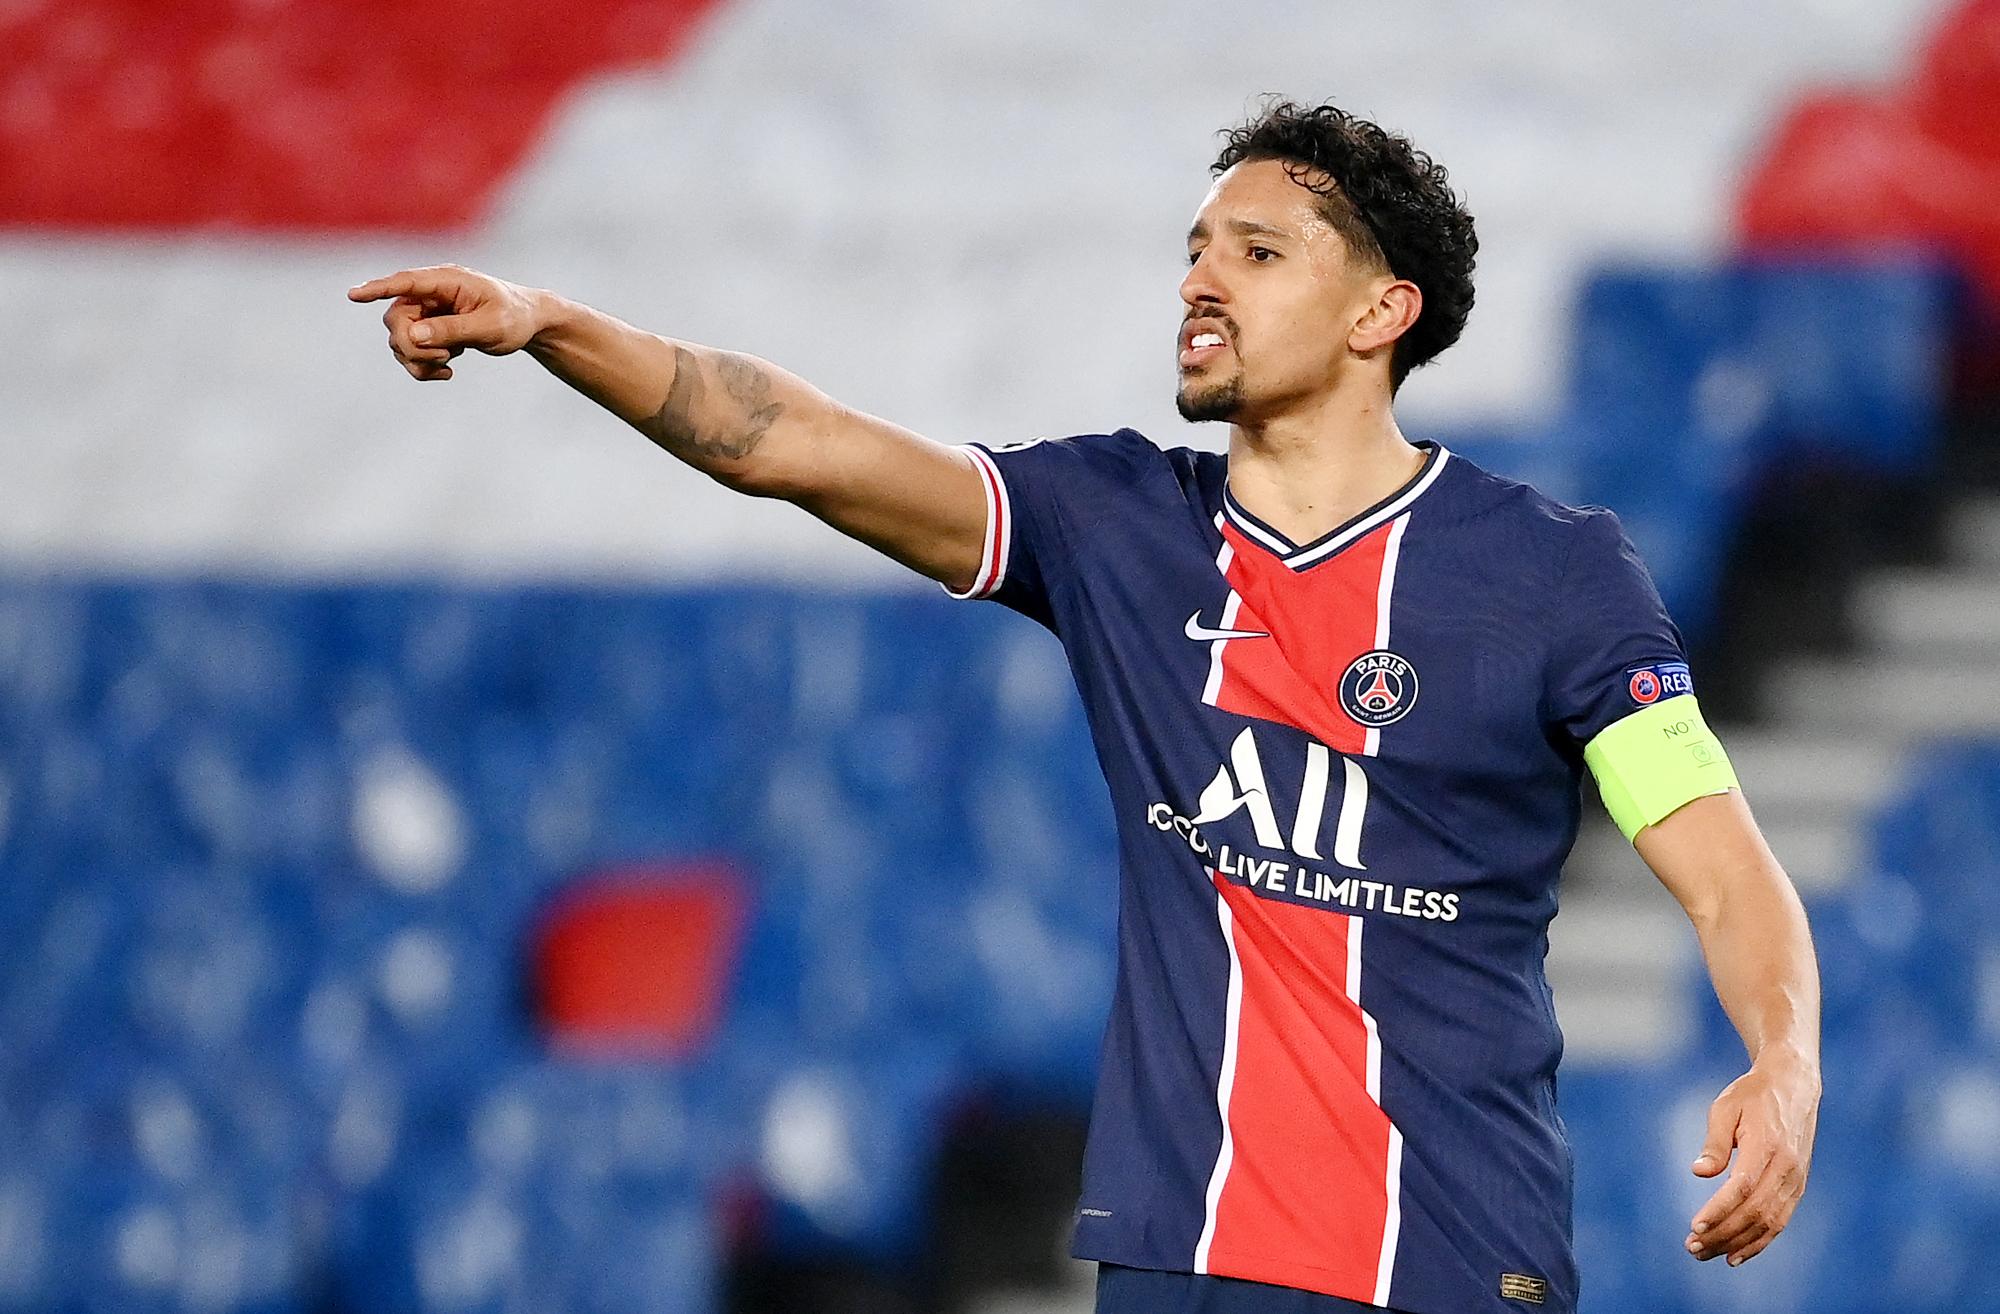 El defensor brasileño y capitán del Paris Saint-Germain, Marquinhos, hace gestos durante los octavos de final de la Liga de Campeones de la UEFA del partido de vuelta entre el Paris Saint-Germain (PSG) y el FC Barcelona en el estadio Parc des Princes de París, el 10 de marzo de 2021